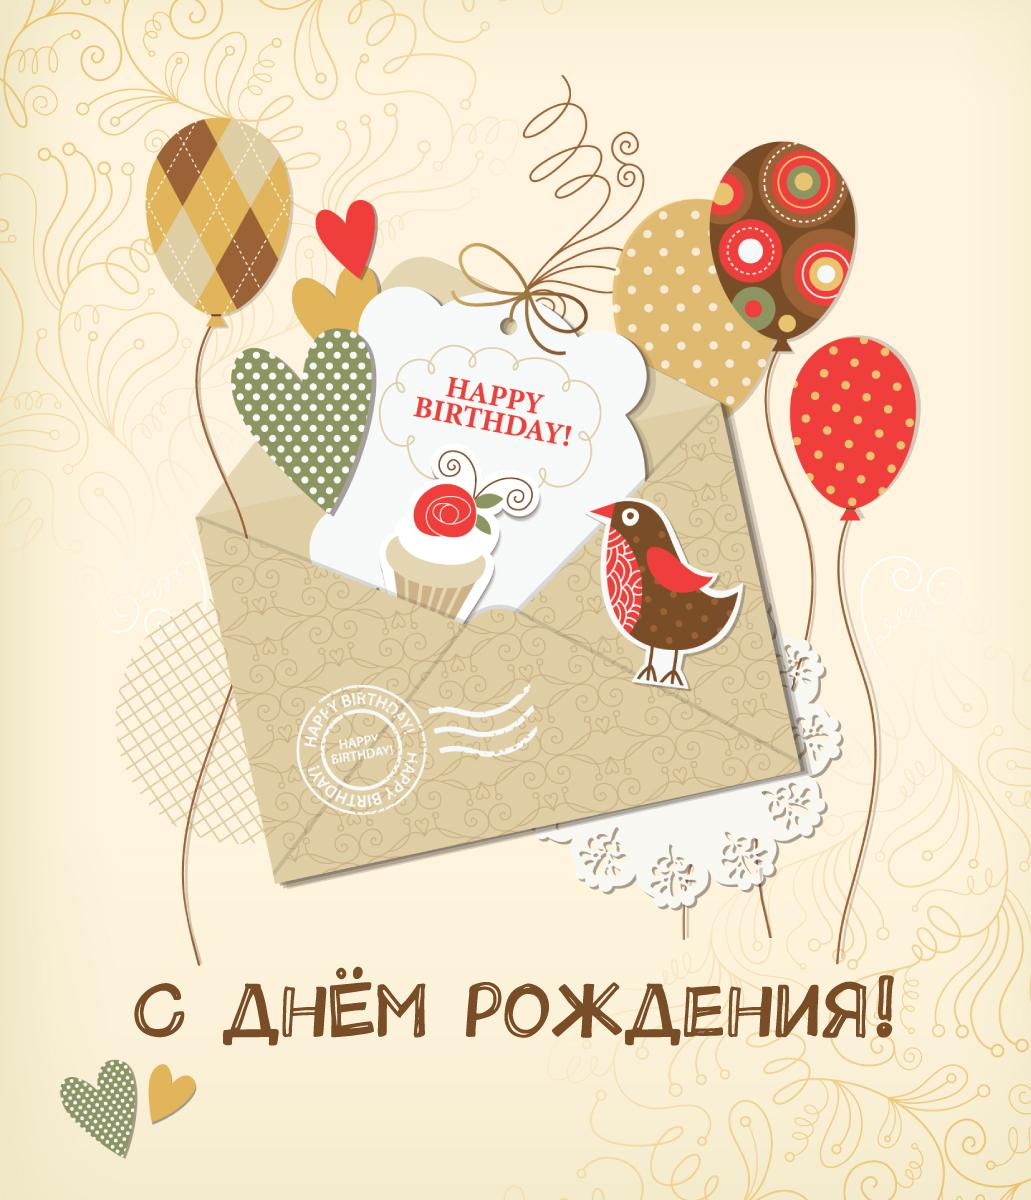 Открытка сувенирная С днём рождения!. 273800273800Открытка – поздравительная карточка, которая прочно вошла в быт человека. Не обязательно дарить дорогой подарок, главное внимание, достаточно выбрать подходящую картинку на открытке и вручить дорогому человеку.